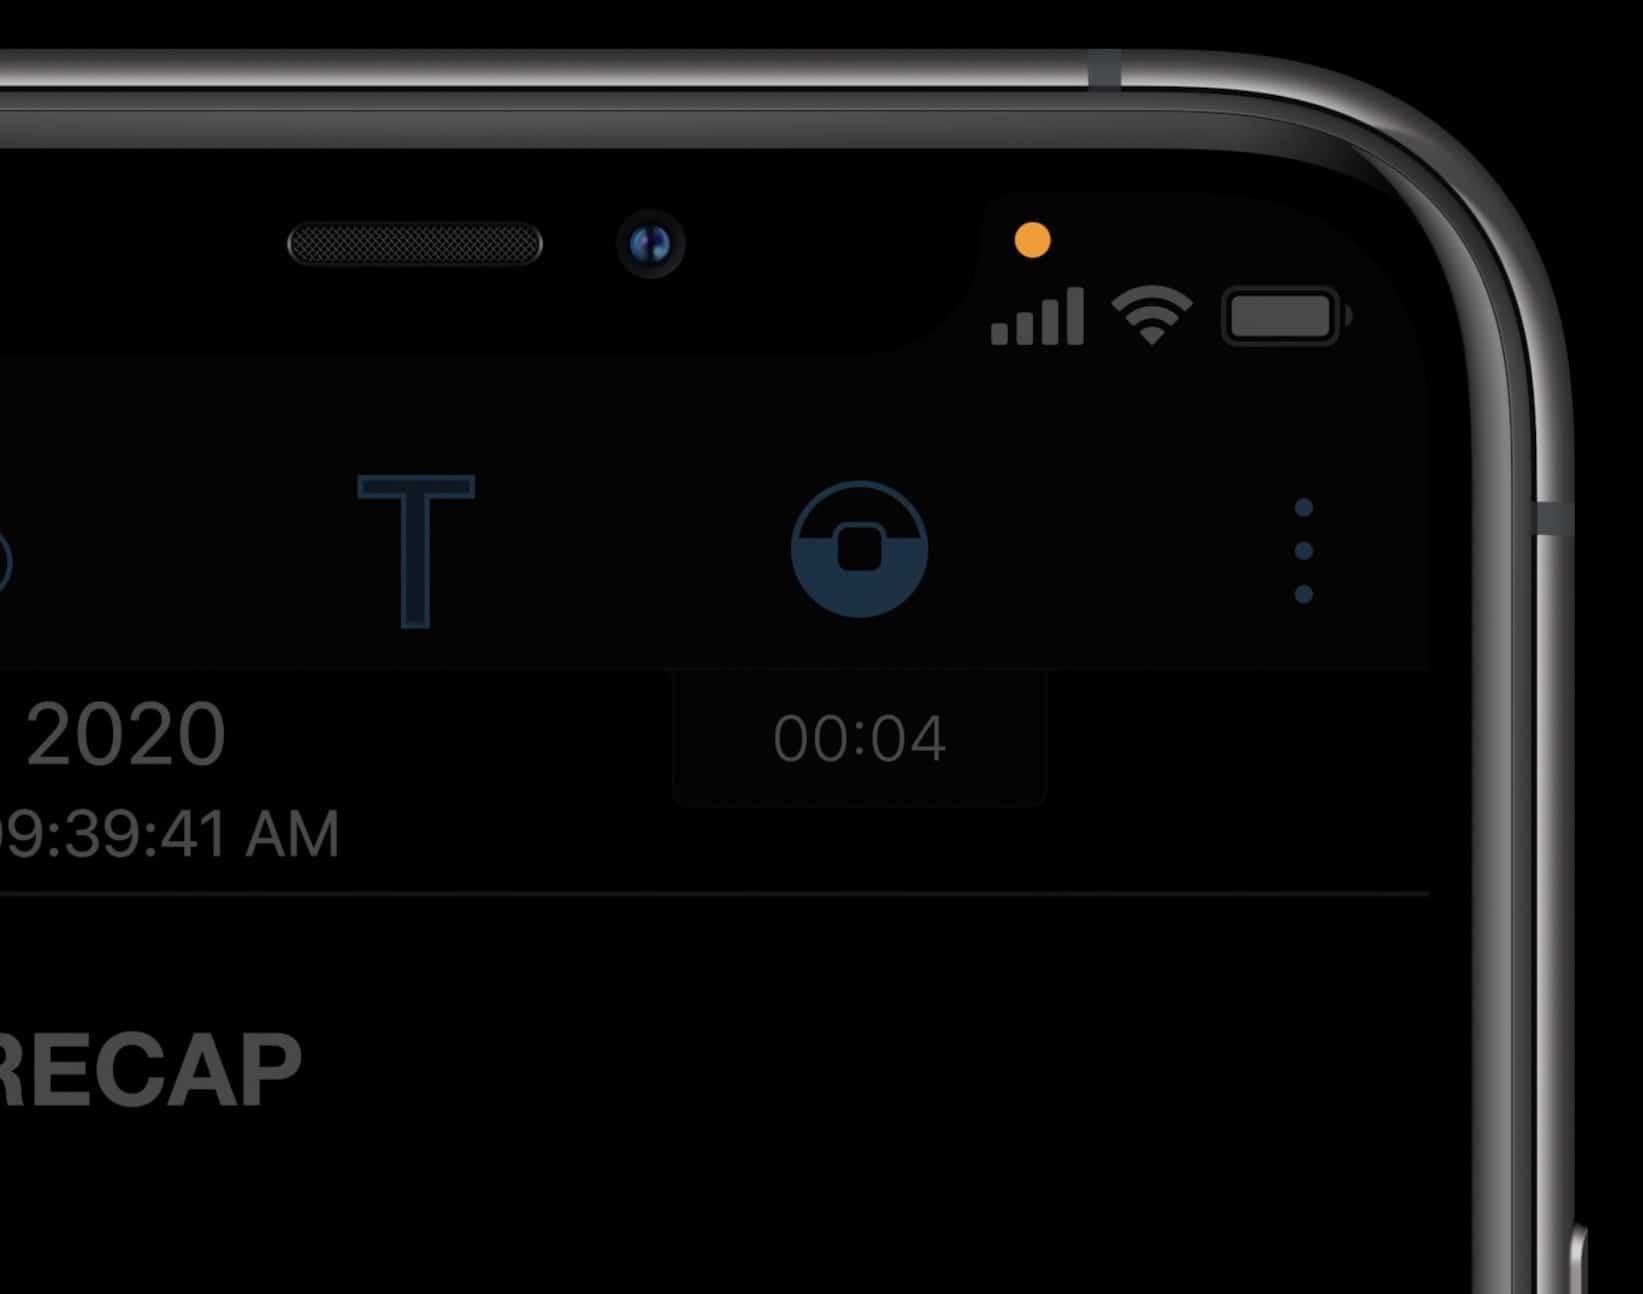 Indicador de acesso à câmera e ao microfone no iOS 14